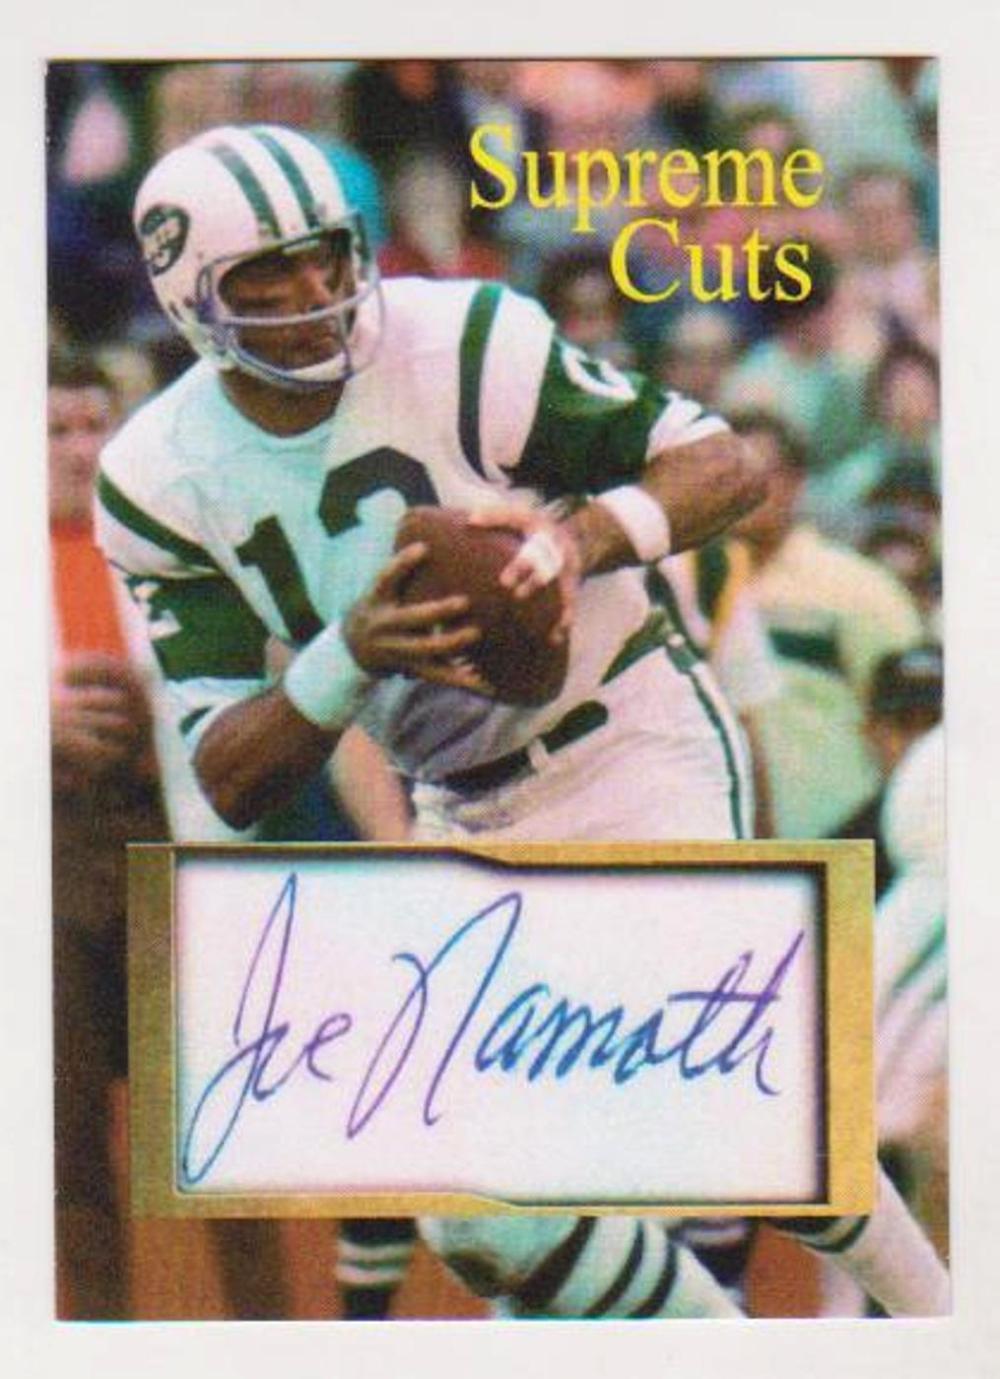 6624358ef7f #34/50 Produced - Joe Namath Facsimile Autograph Supreme Cuts Card - Scarce!